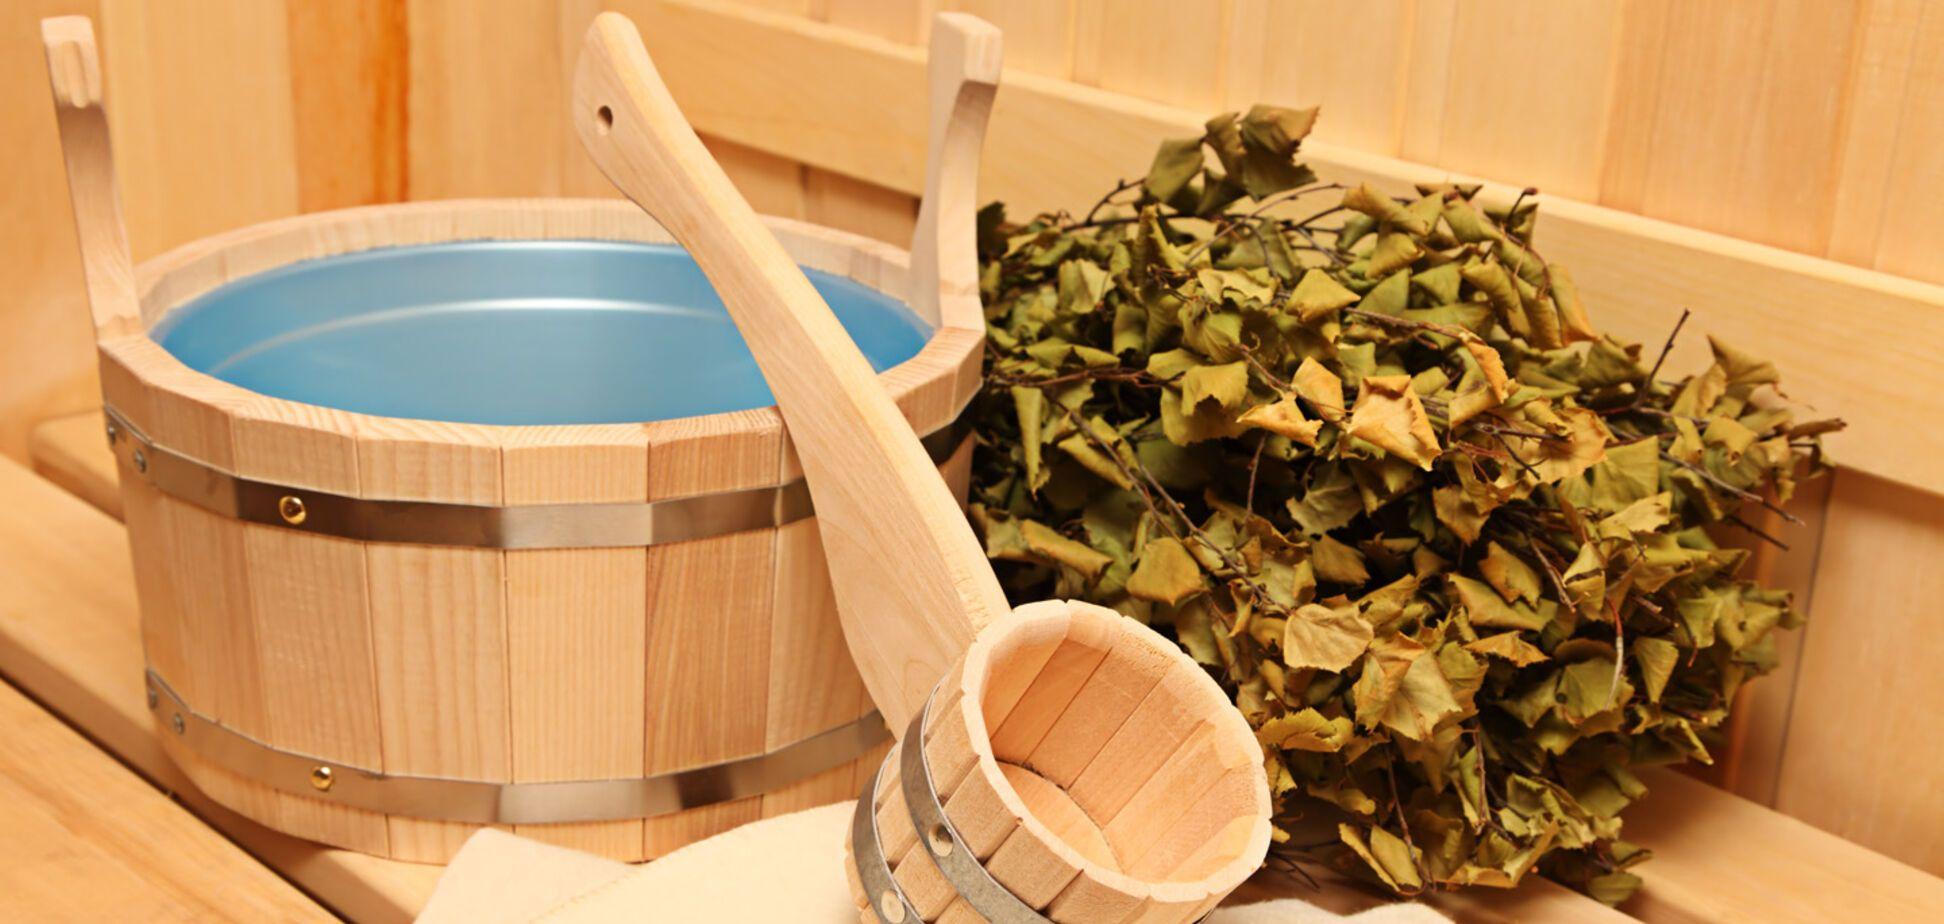 Похудение к весне: баня, сауна, хаммам